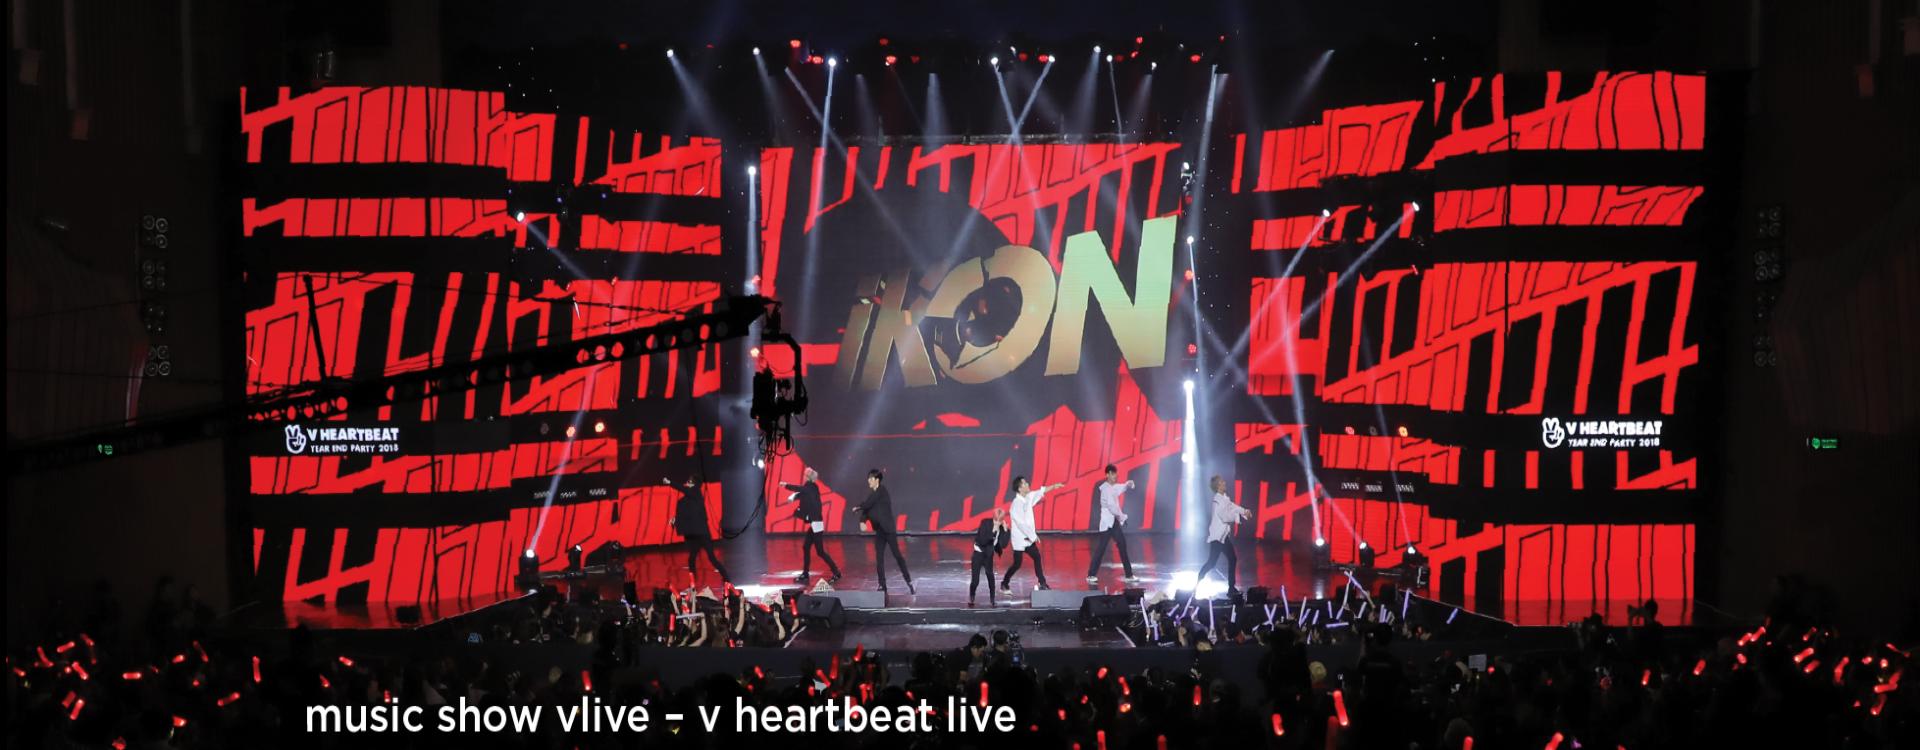 v heartbeat live